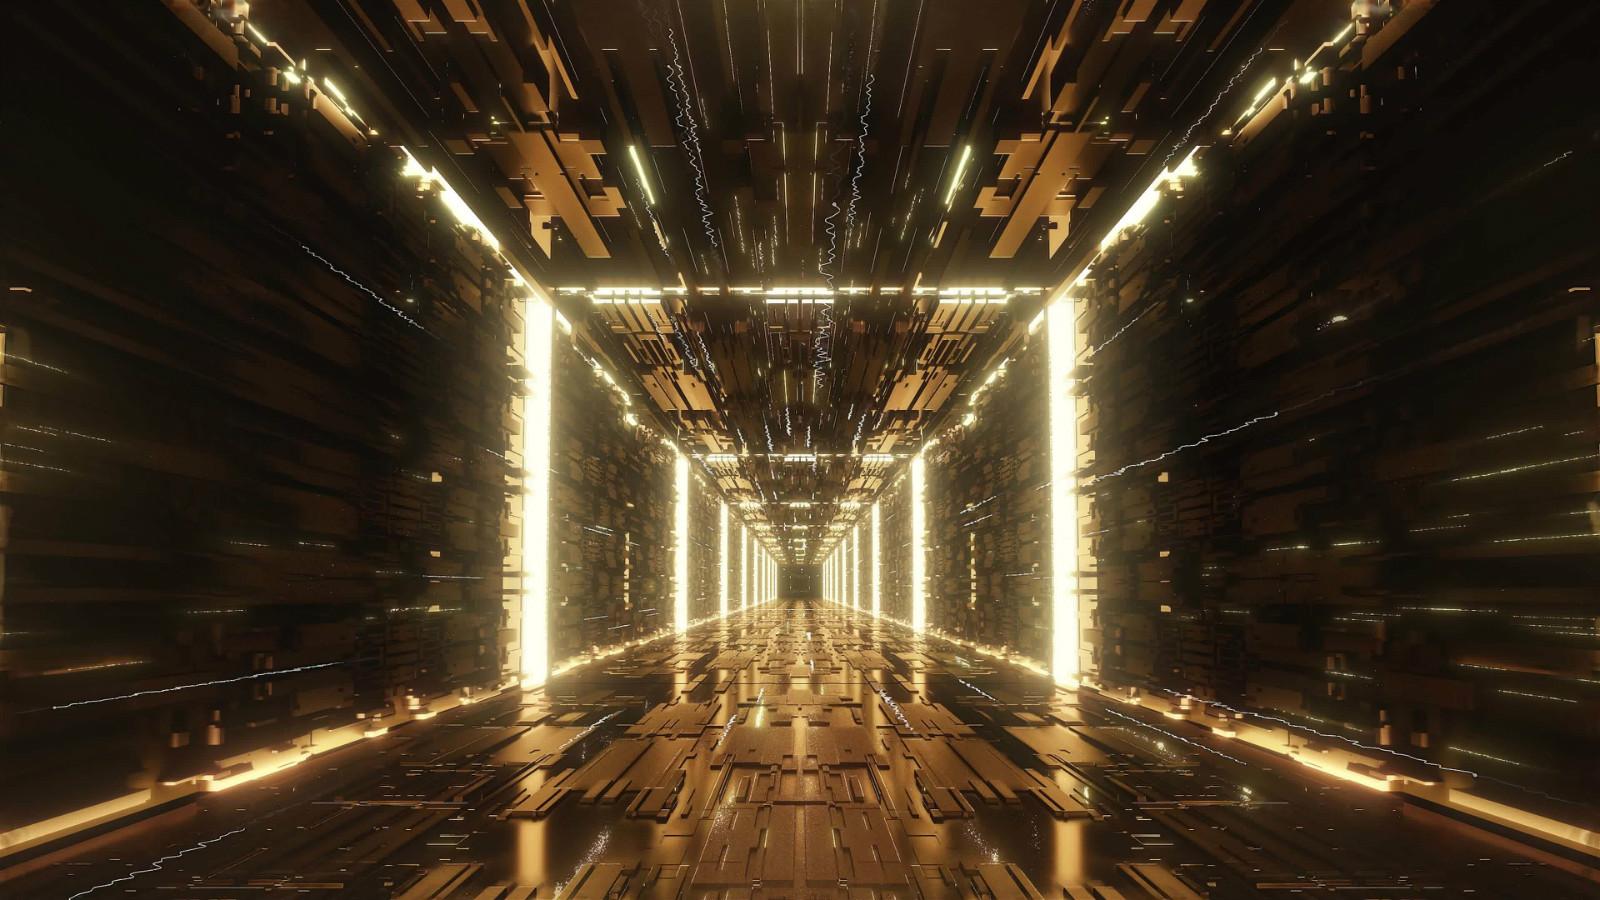 永利官网光线隧道穿梭视频永利官网网址是多少